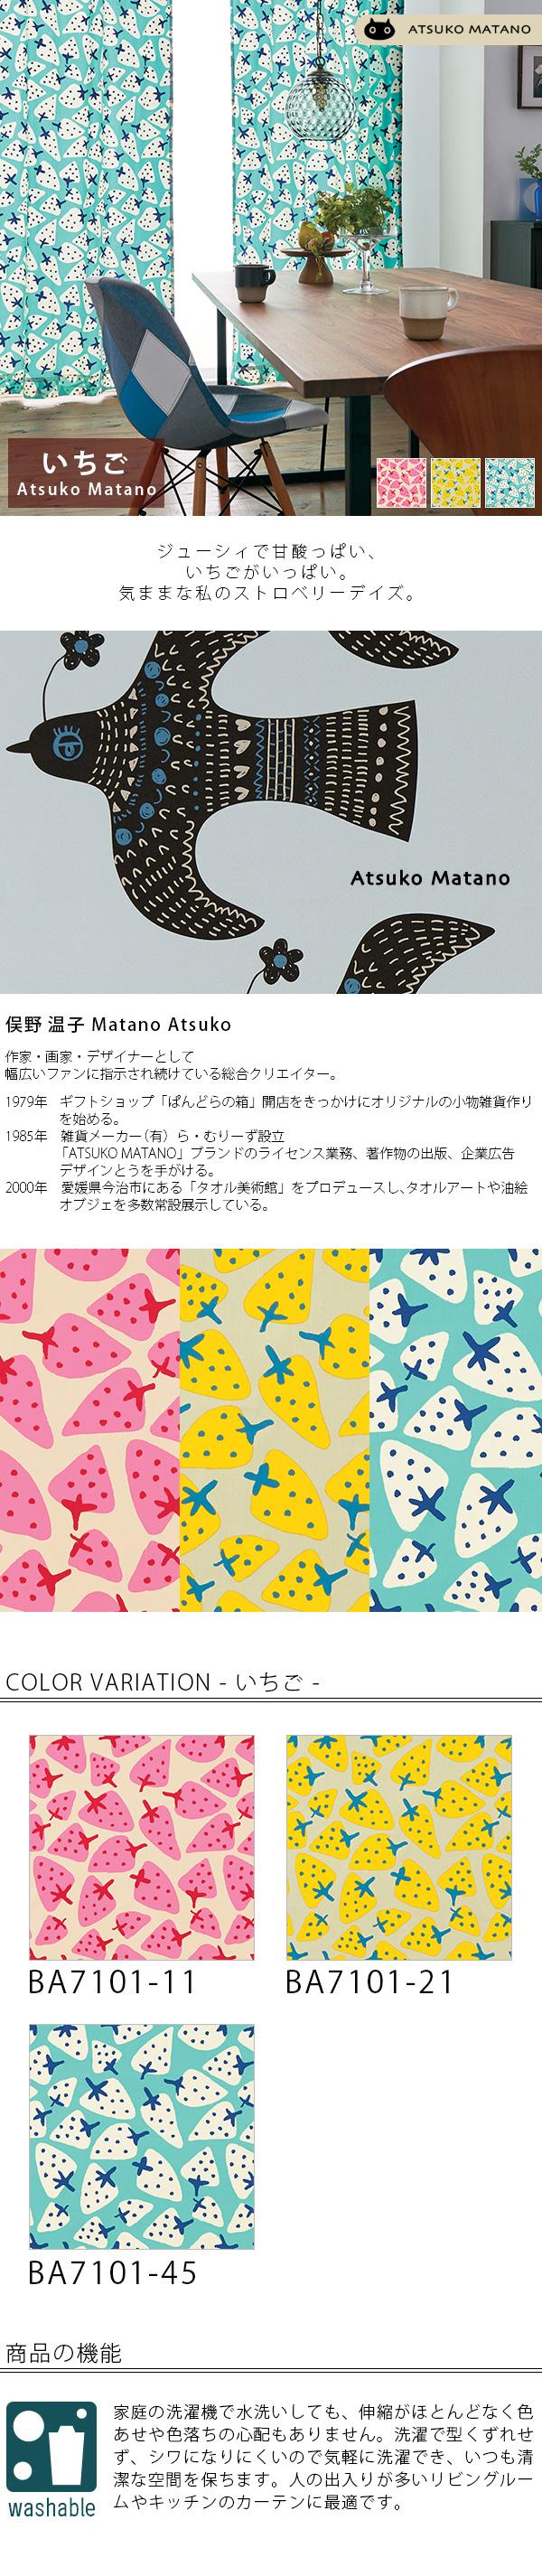 カーテン Atsuko Matano マタノアツコ いちご オーダーサイズ